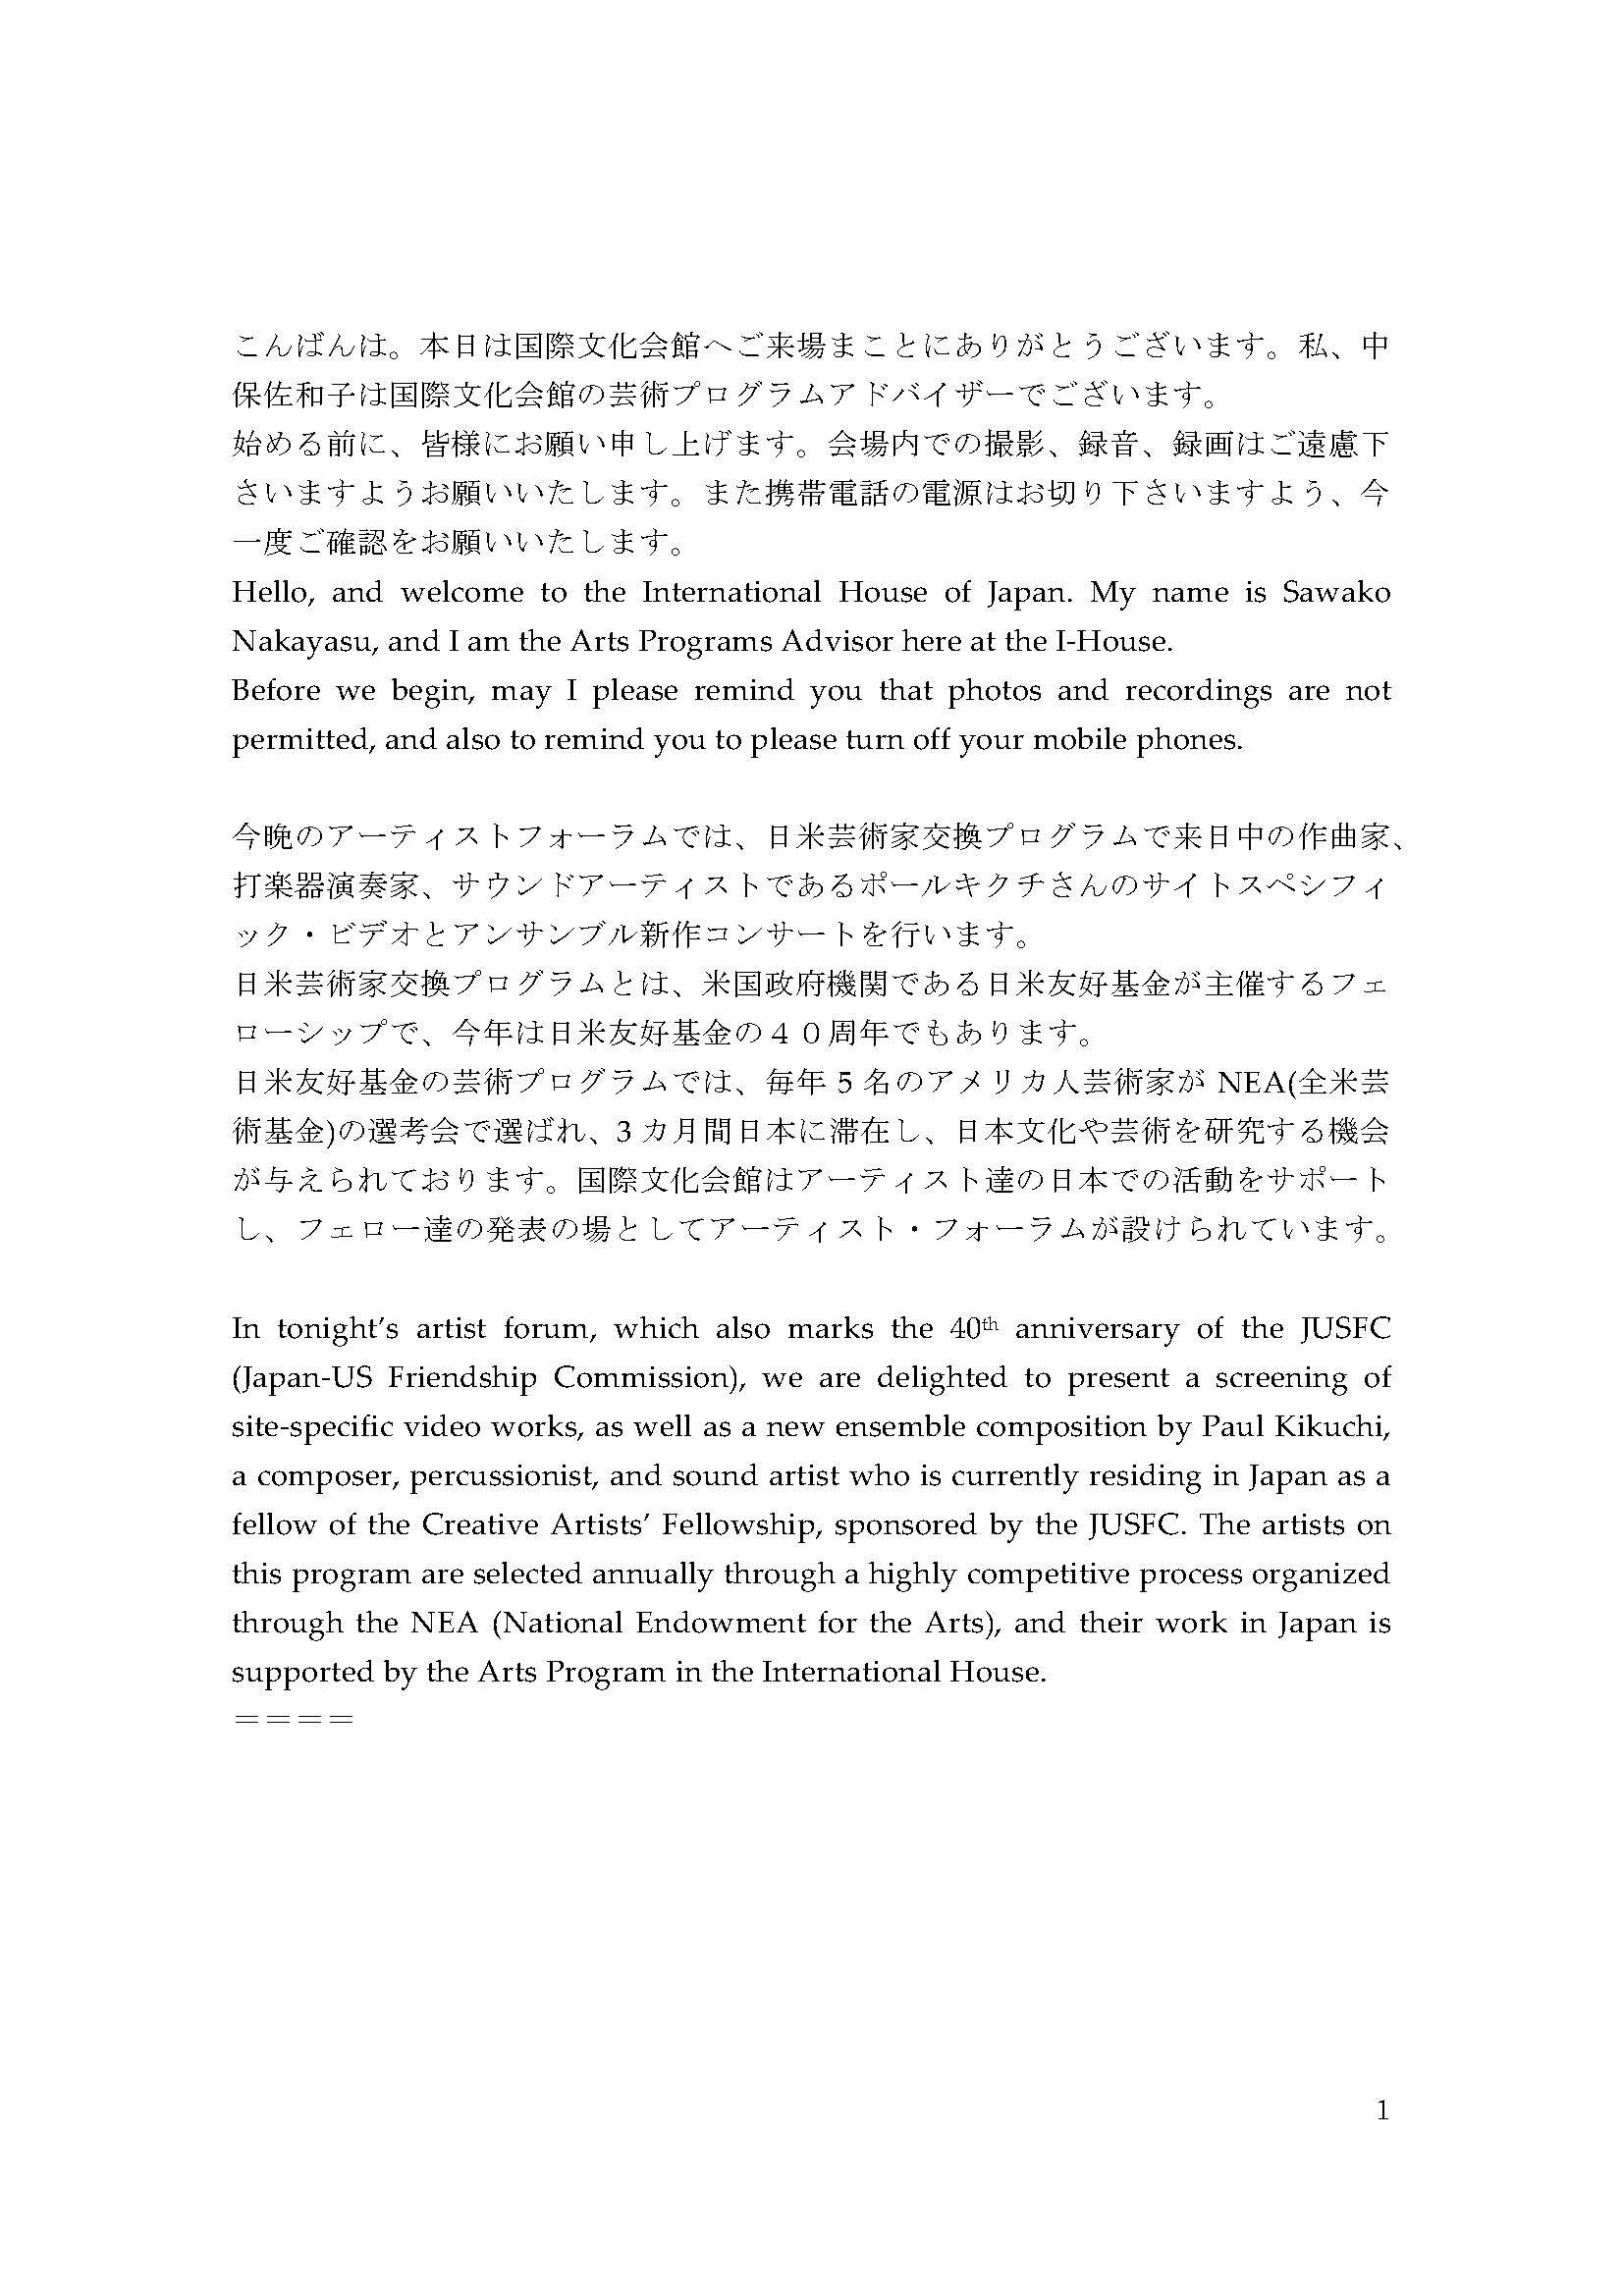 Paul Kikuchi AF introduction 1.jpg